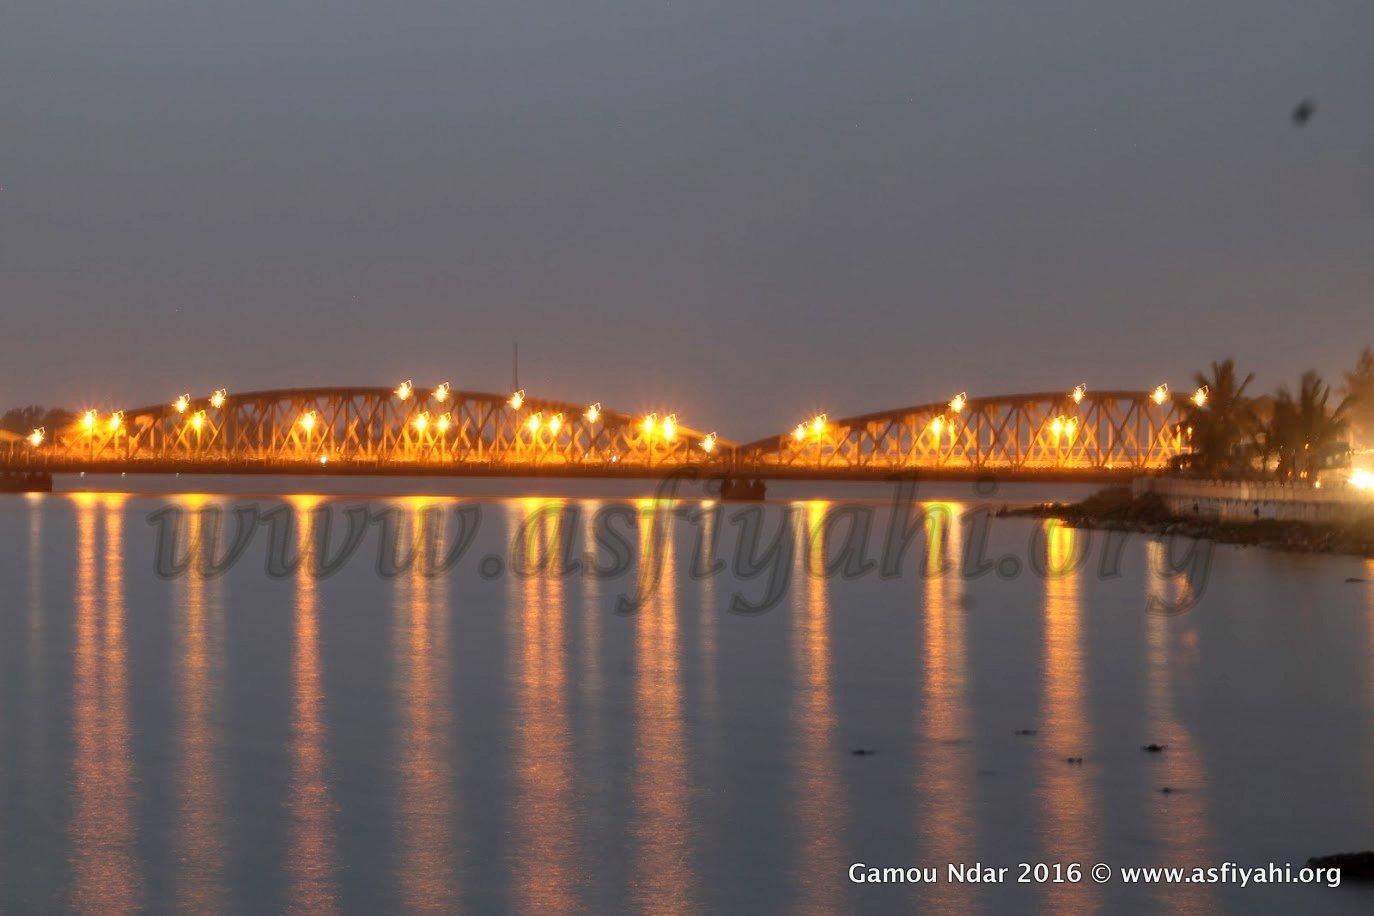 PHOTOS - GAMOU NDAR 2016 - Vivez les temps-forts du Convoi Dakar - Tivaouane - Saint-Louis (1ére Partie) ; Les Fidèles répondent à l'appel de Serigne Babacar Sy (rta), sous la Direction de Serigne Abdoul Aziz Sy Al Amine